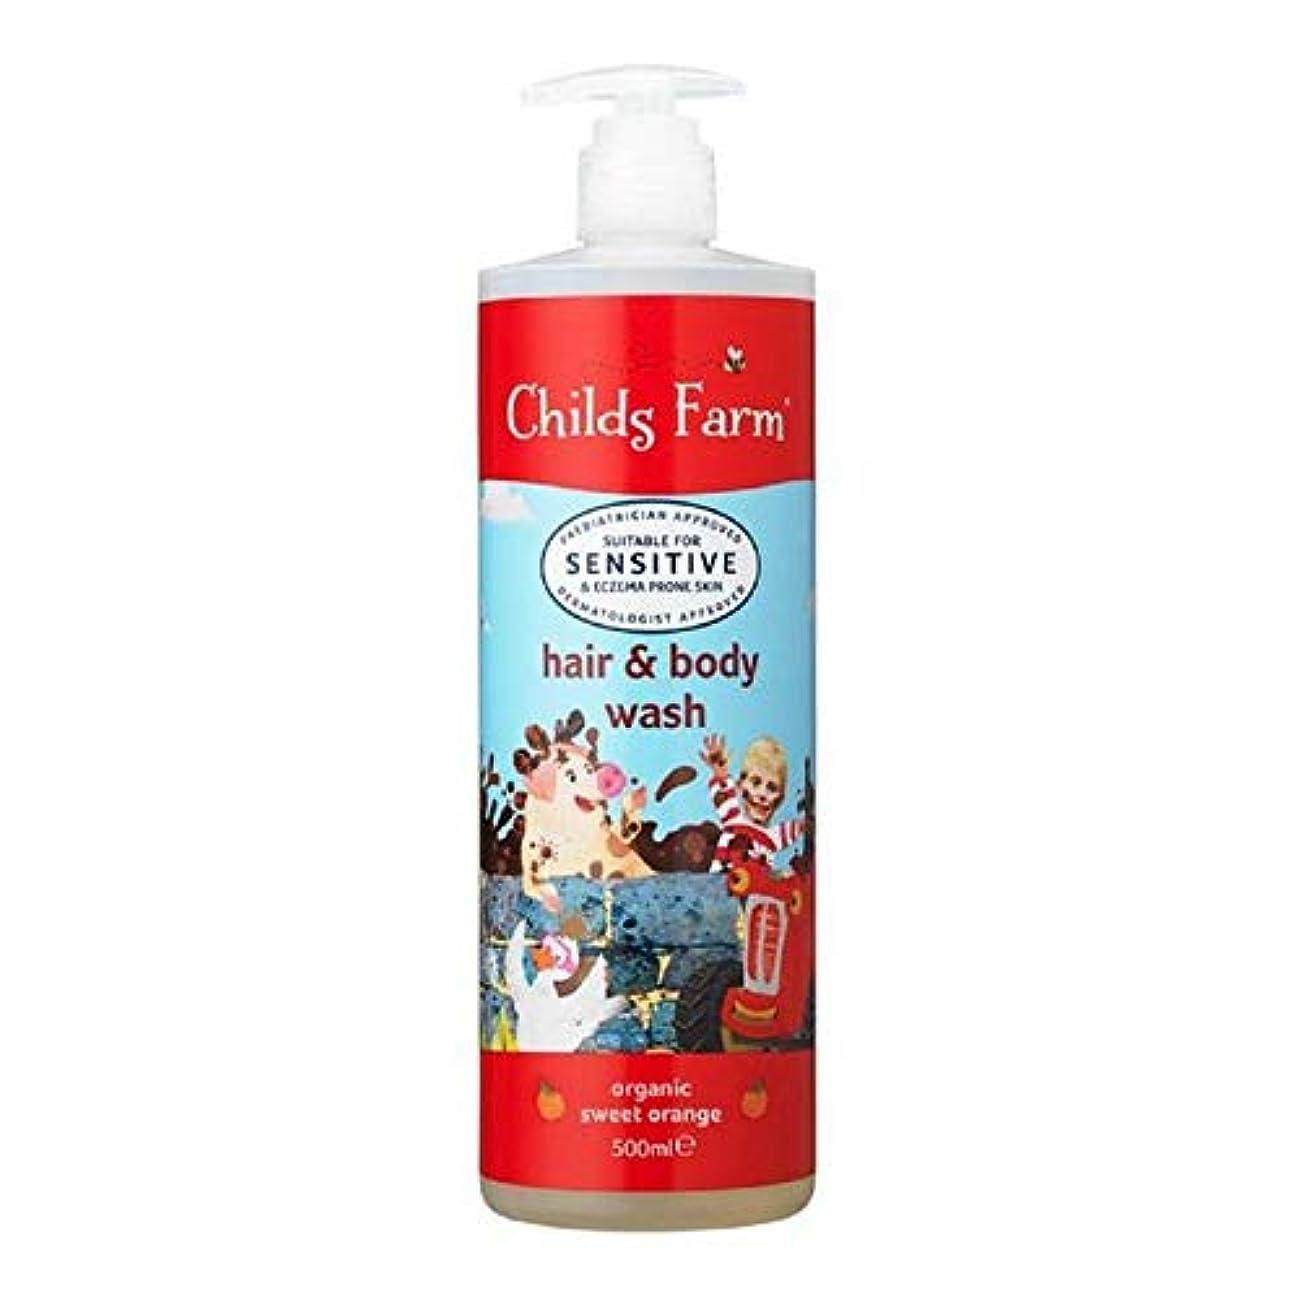 分析的剃るシュリンク[Childs Farm ] チャイルズファームヘア&ボディウォッシュ有機スイートオレンジ500ミリリットル - Childs Farm Hair & Body Wash Organic Sweet Orange 500ml [並行輸入品]